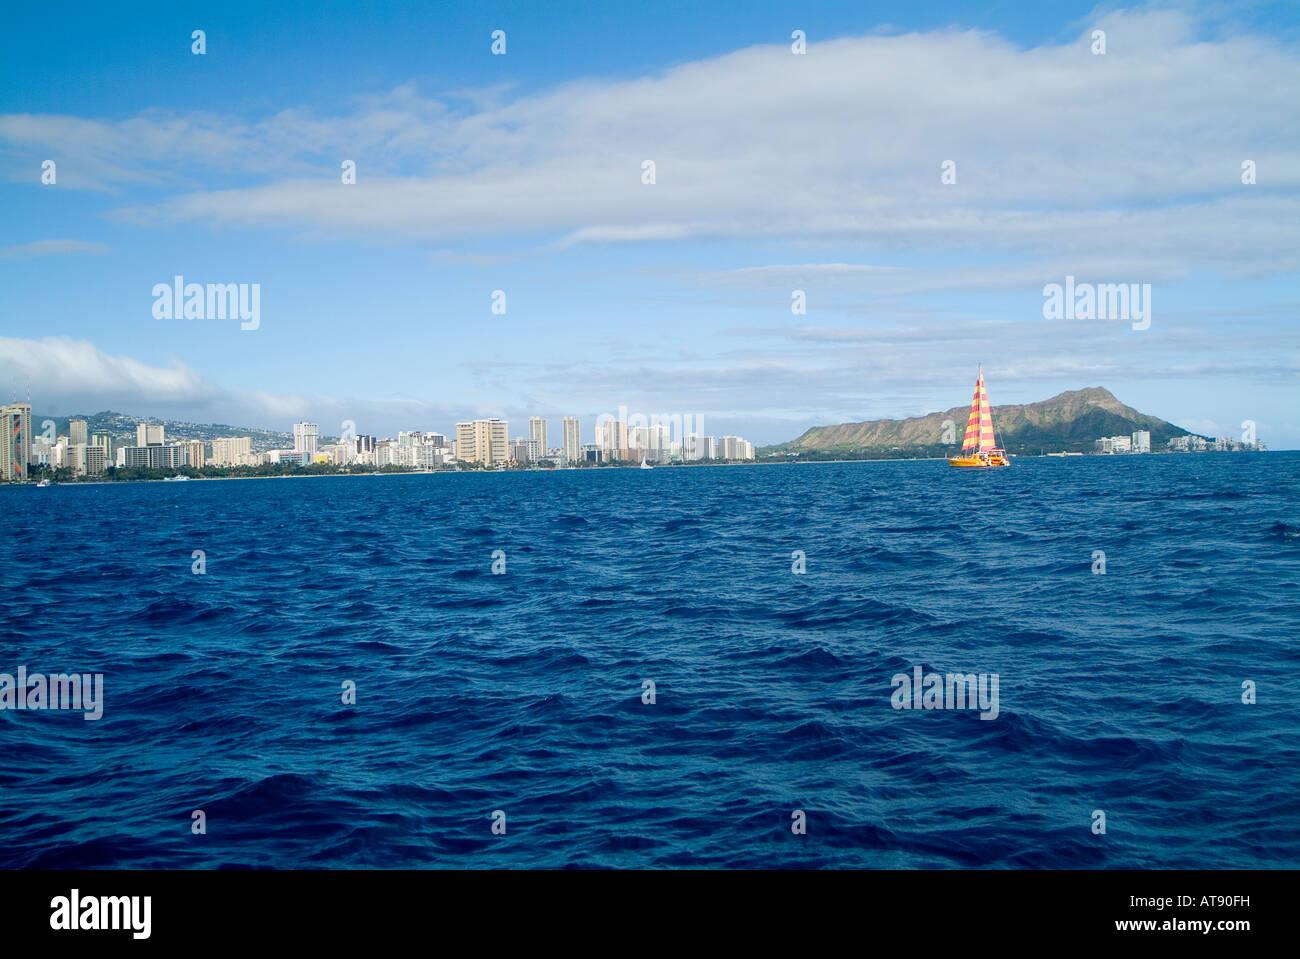 Grandangolo colpo di Waikiki costa dal centro cittadino di Honolulu Diamond Head shot da una barca a vela fuori Waikiki. Foto Stock